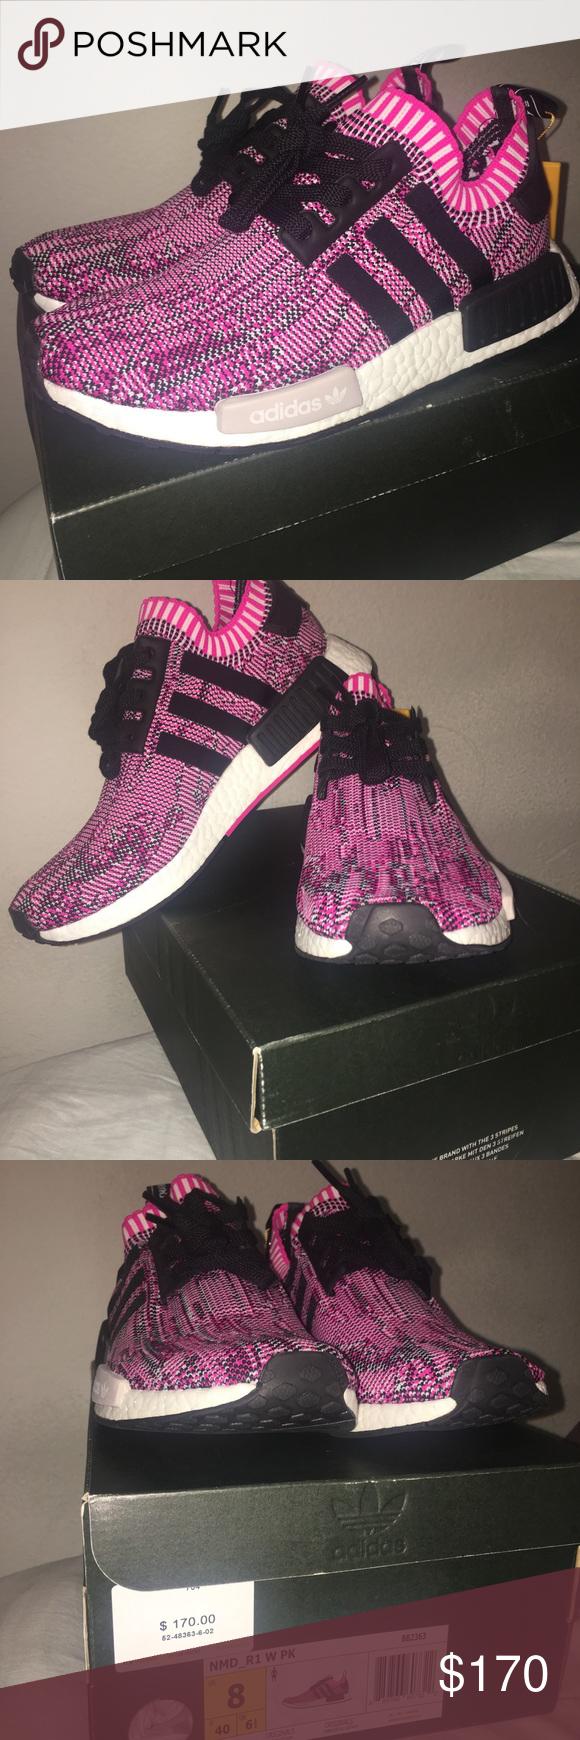 sz 8 rosa e nero adidas maglia nmds brand new ordinati